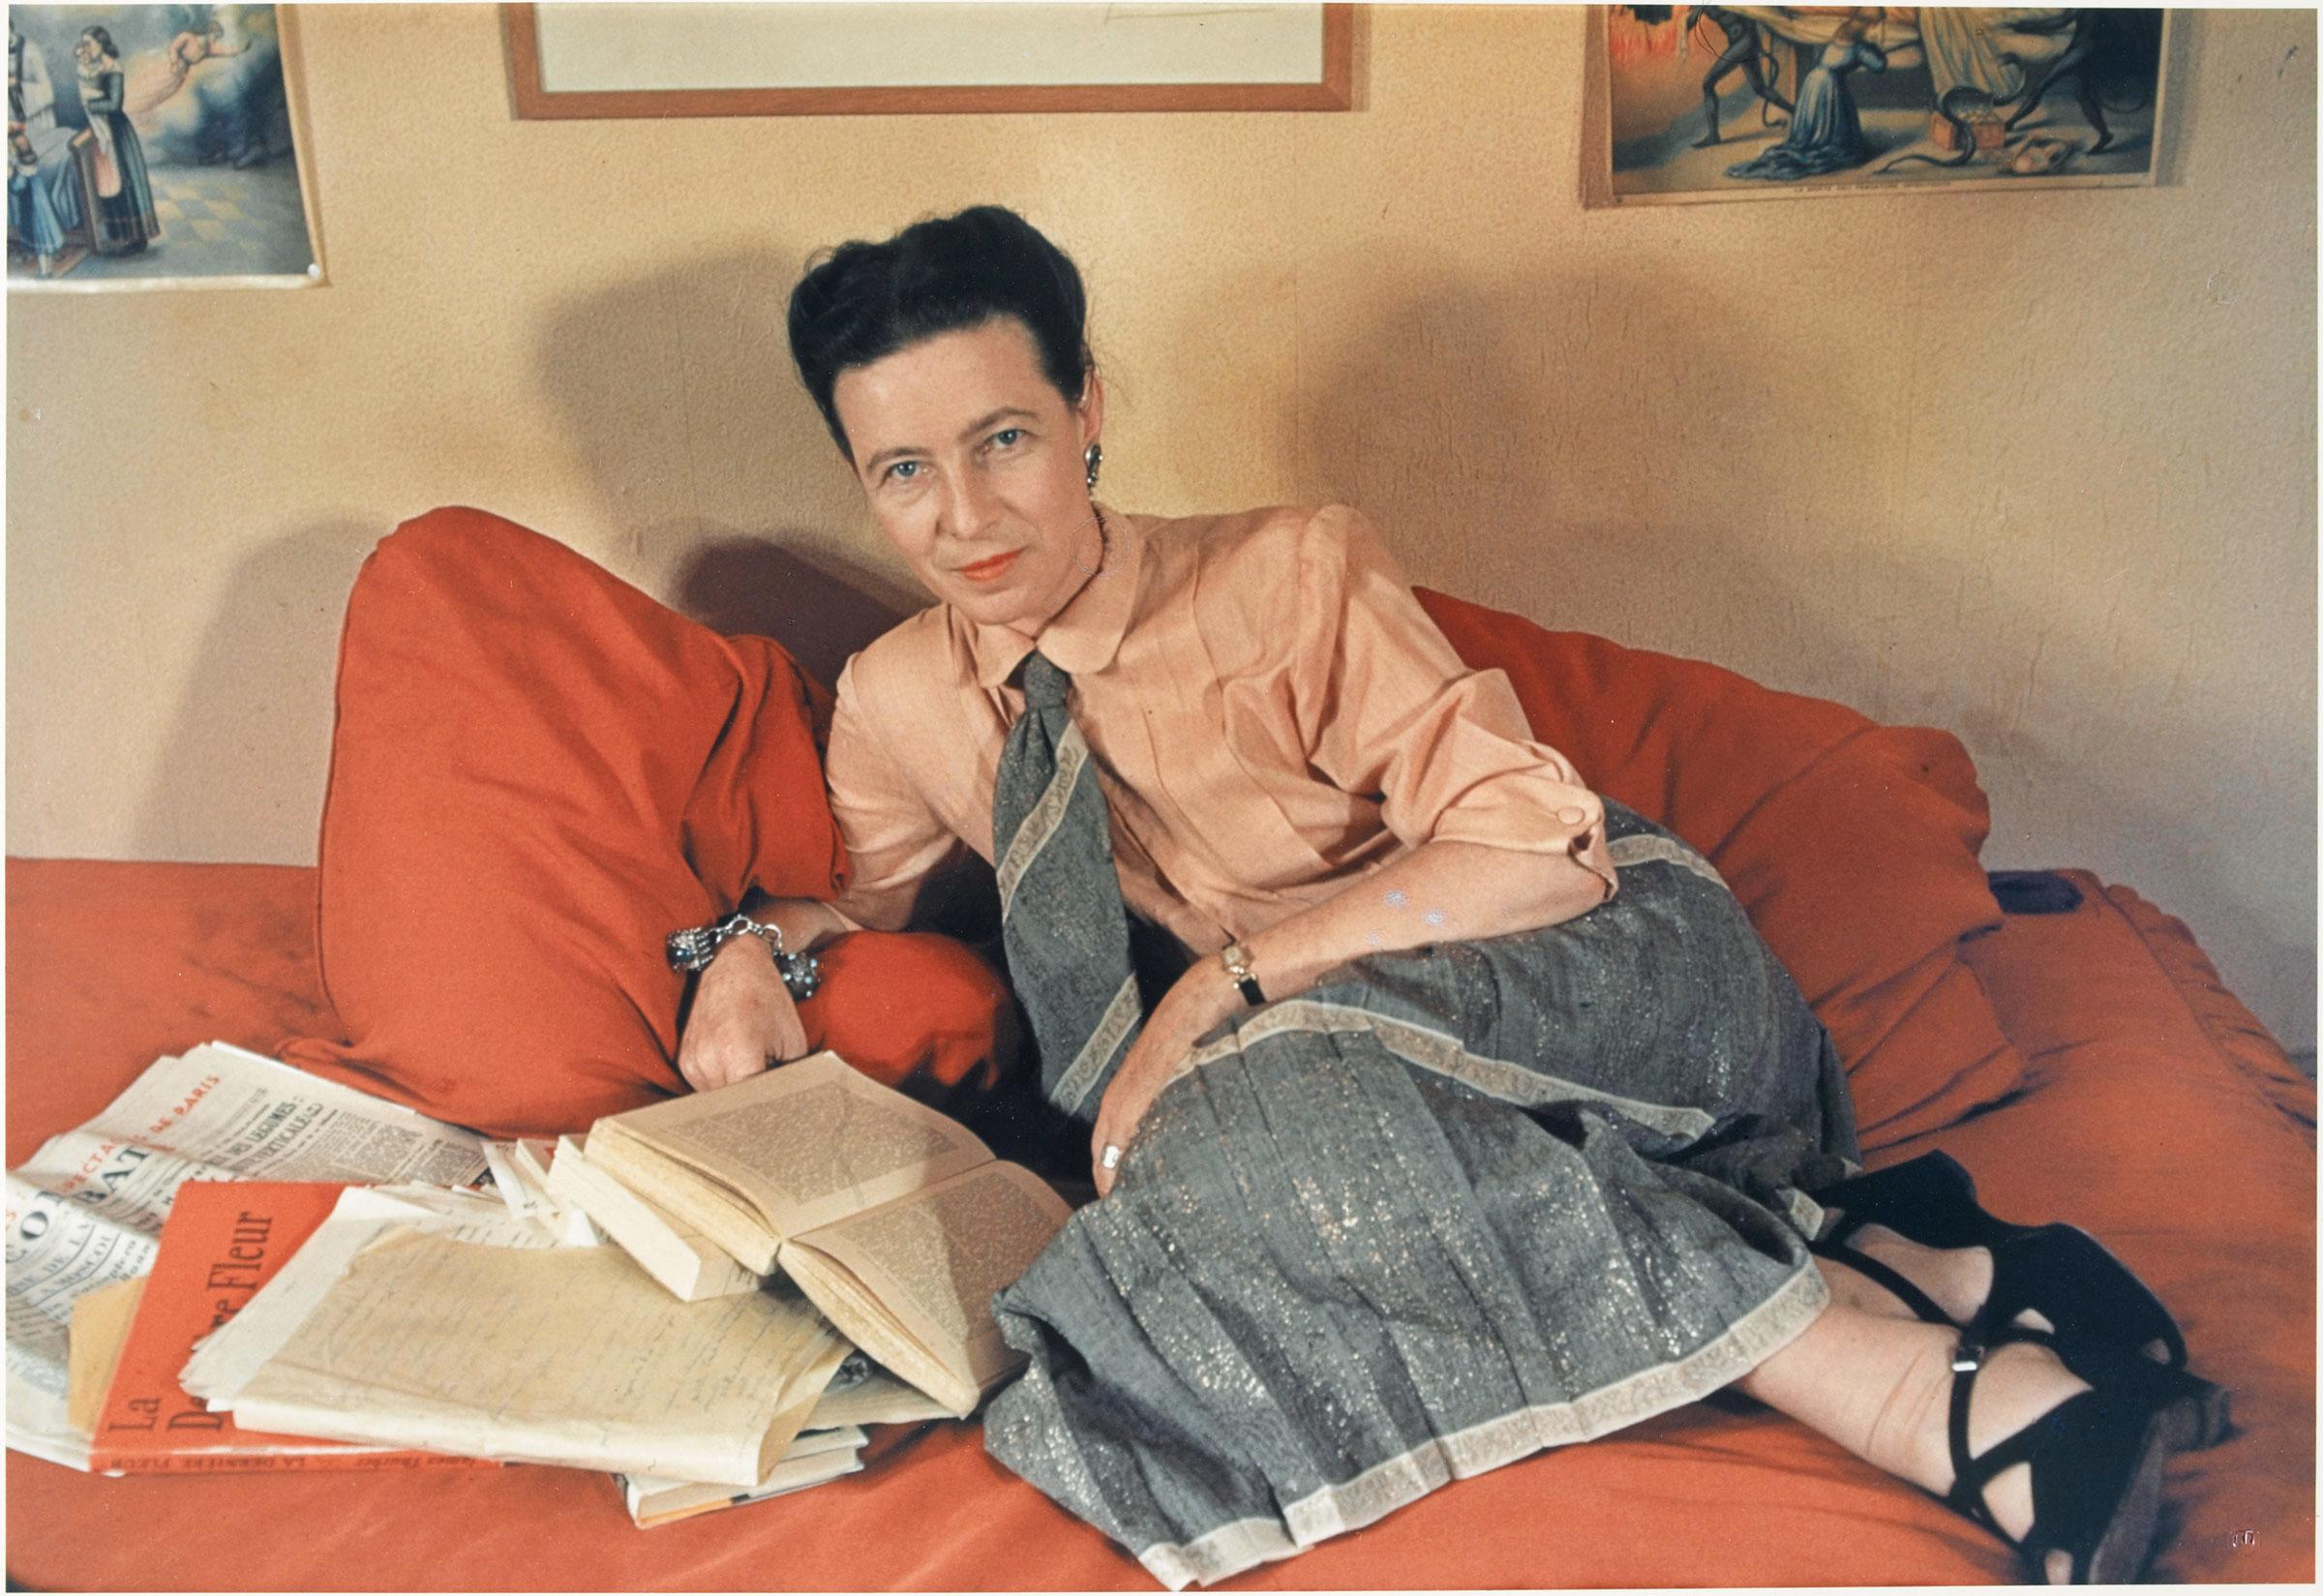 У Франції опублікують невиданий досі роман Симони де Бовуар